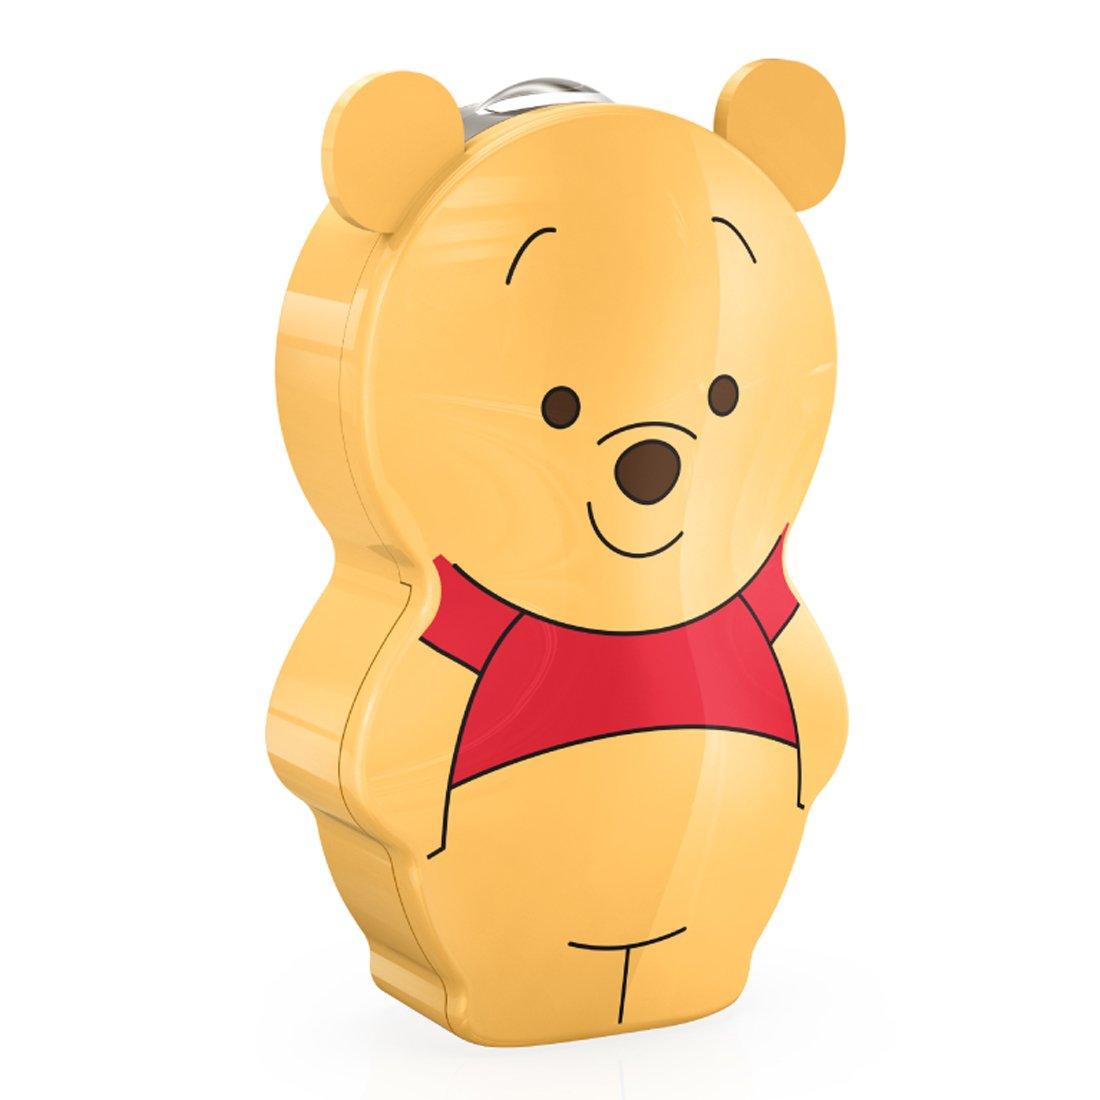 飞利浦迪士尼创意儿童专用卡通手电筒 维尼小熊款